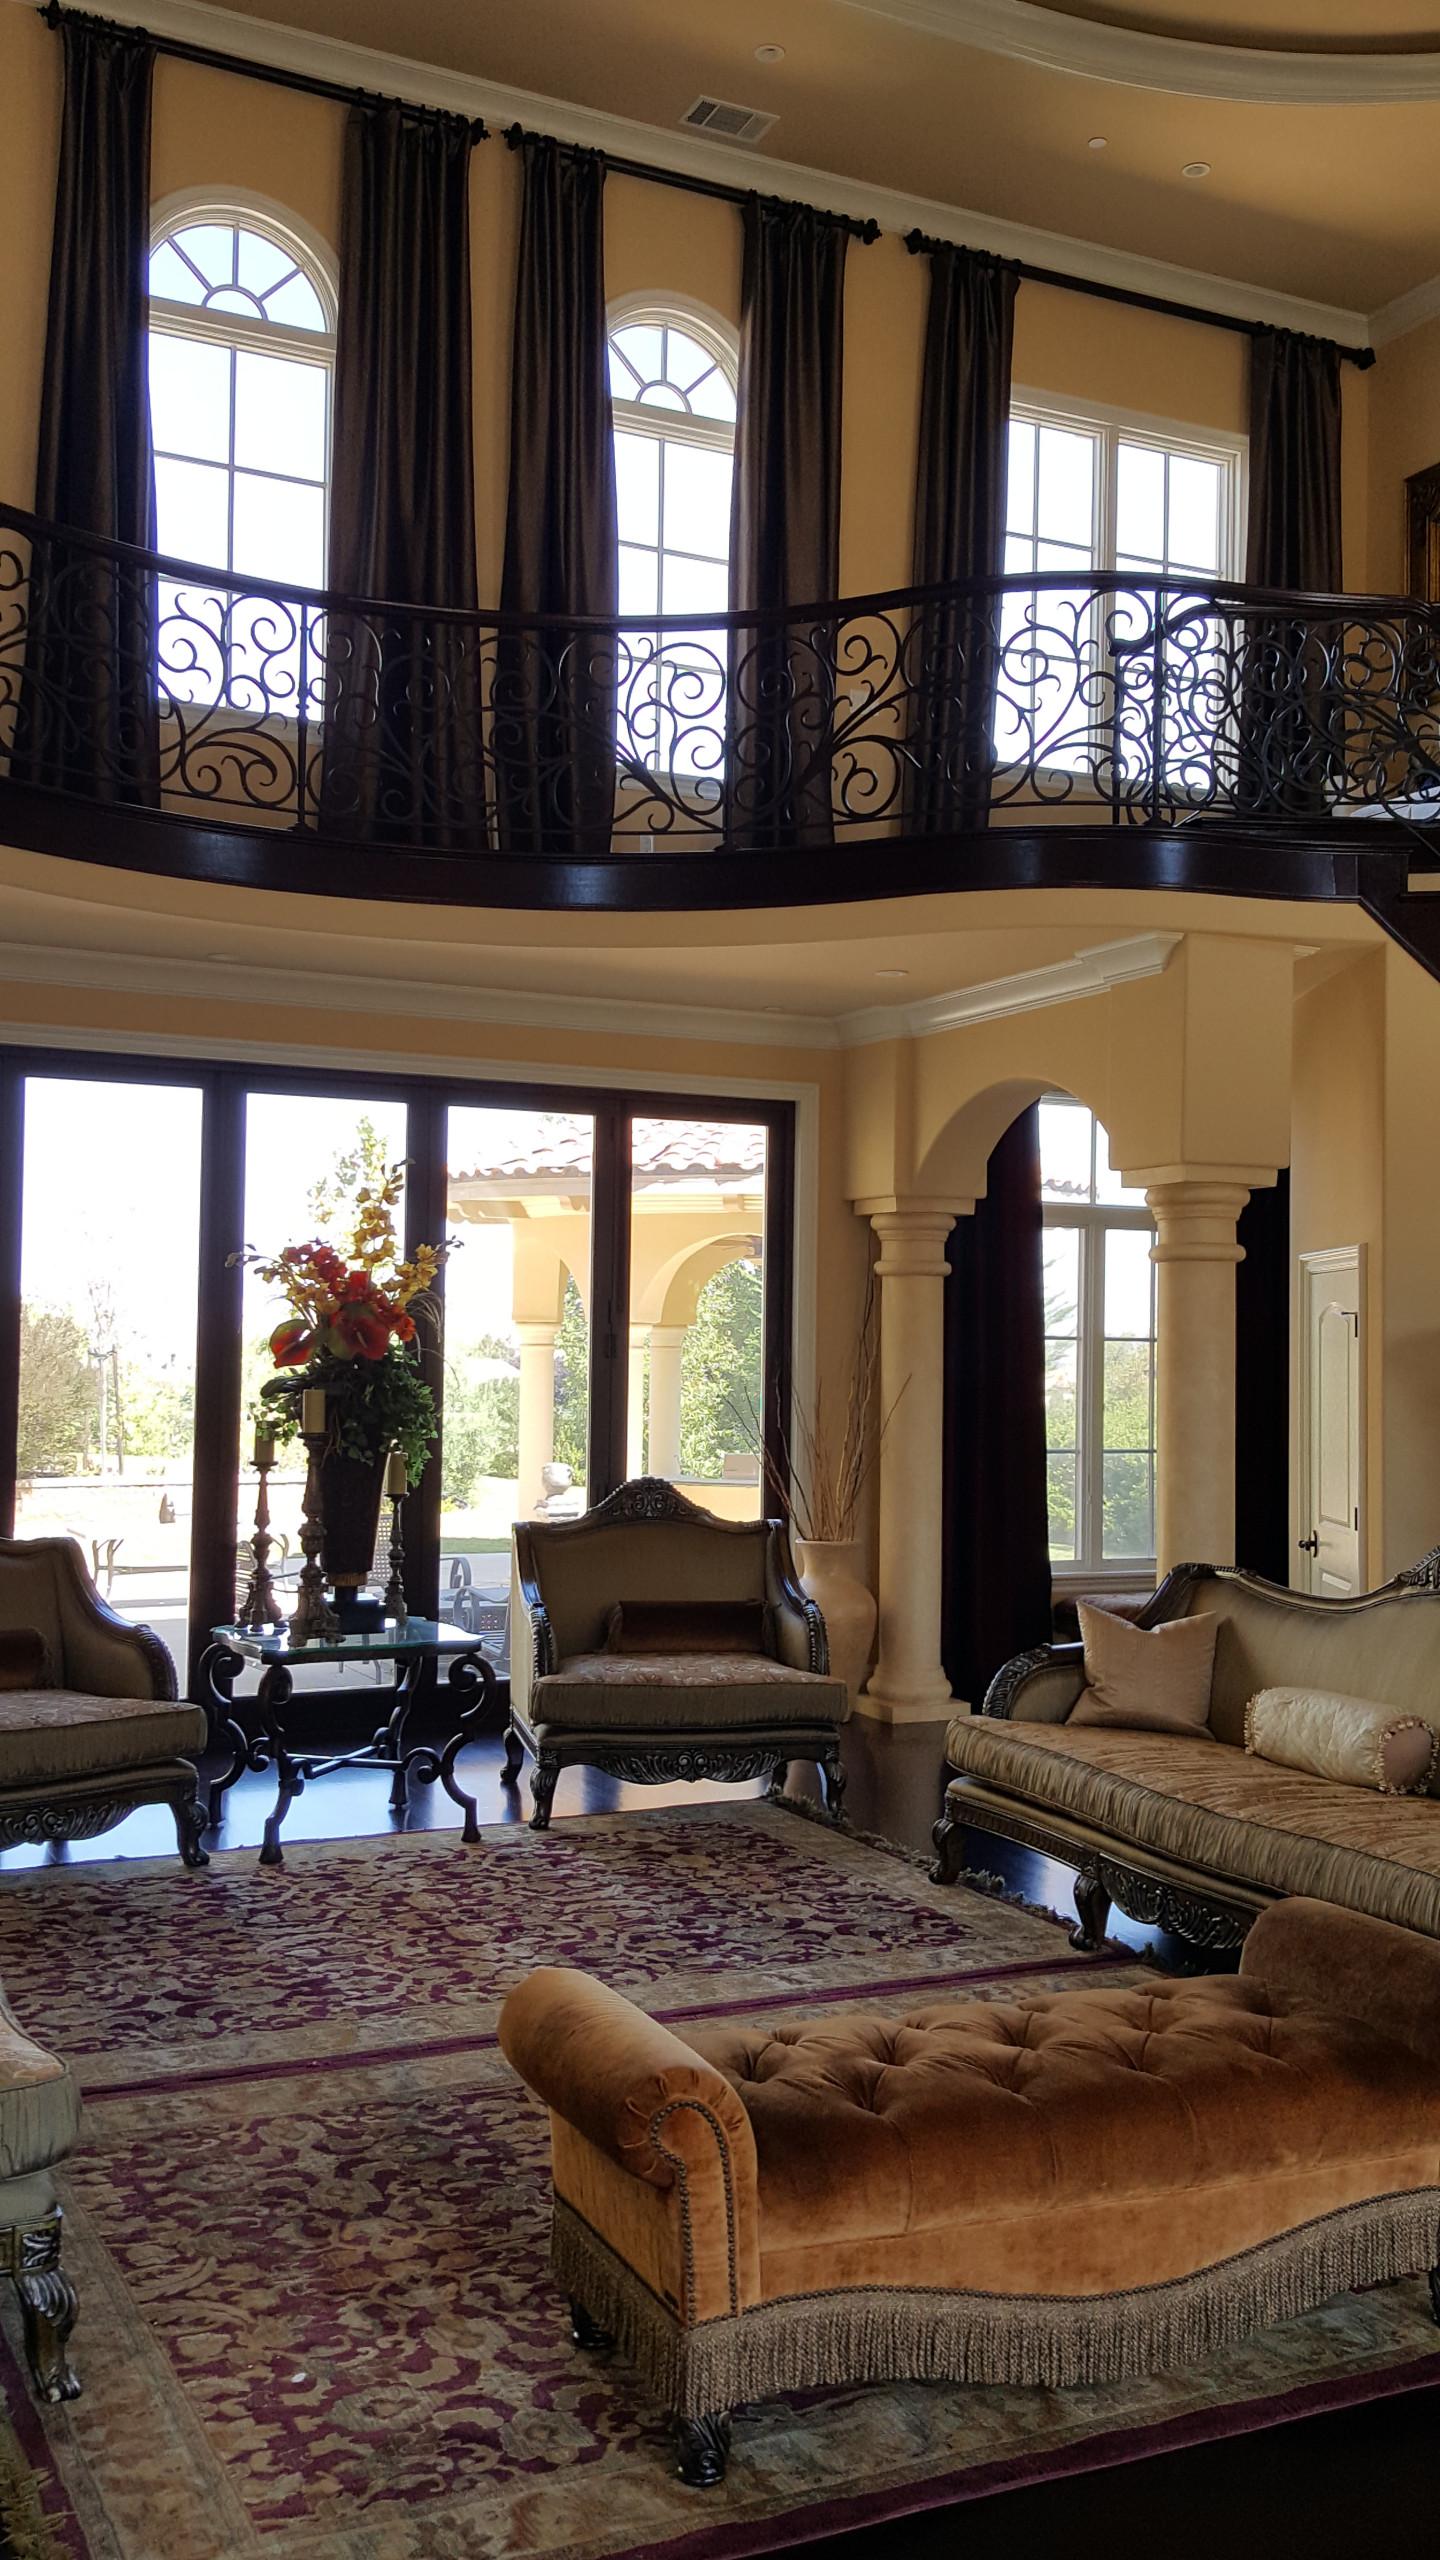 Mediterranean - Patel Residence